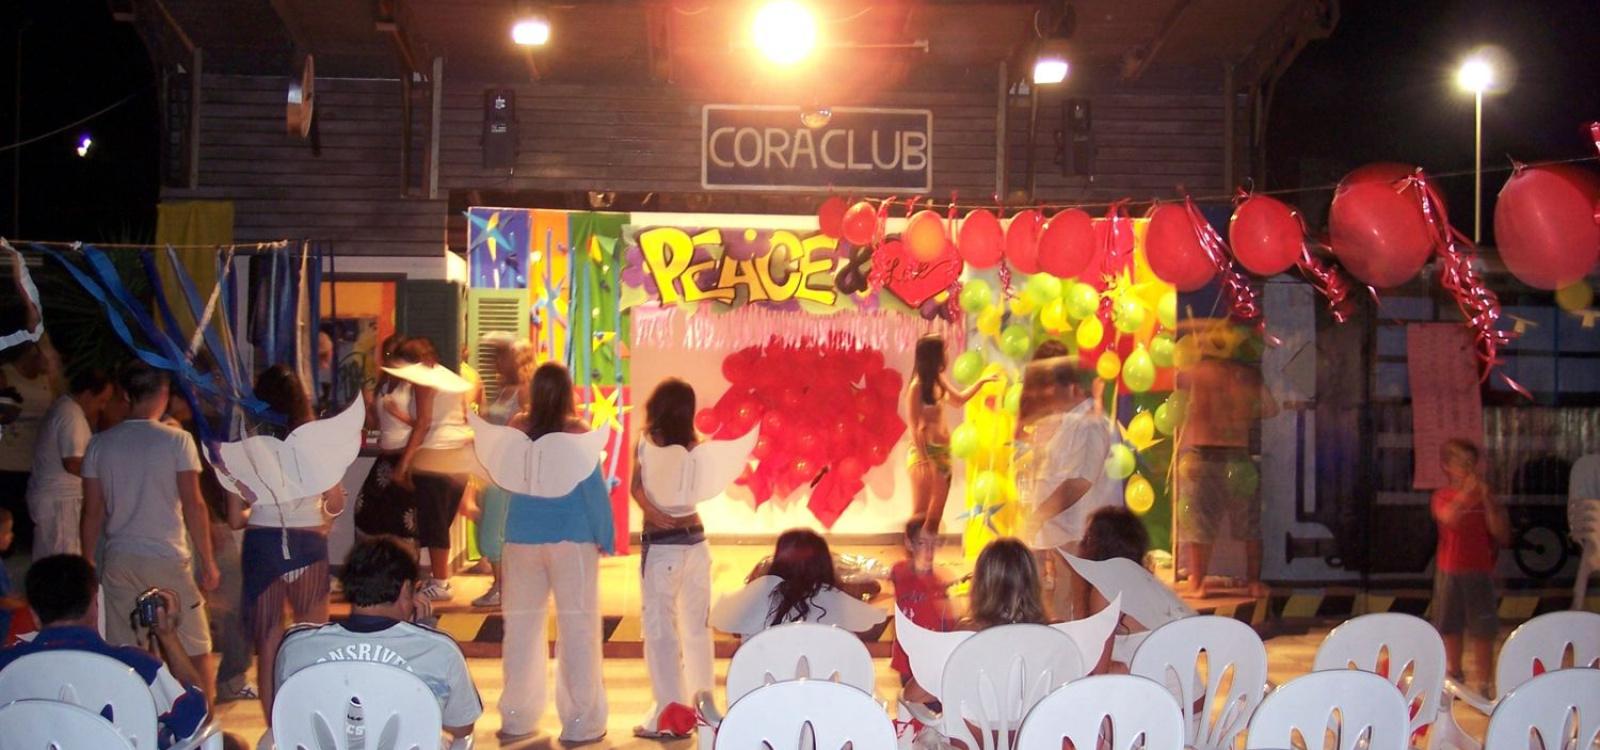 Serate del villaggio Cora Club